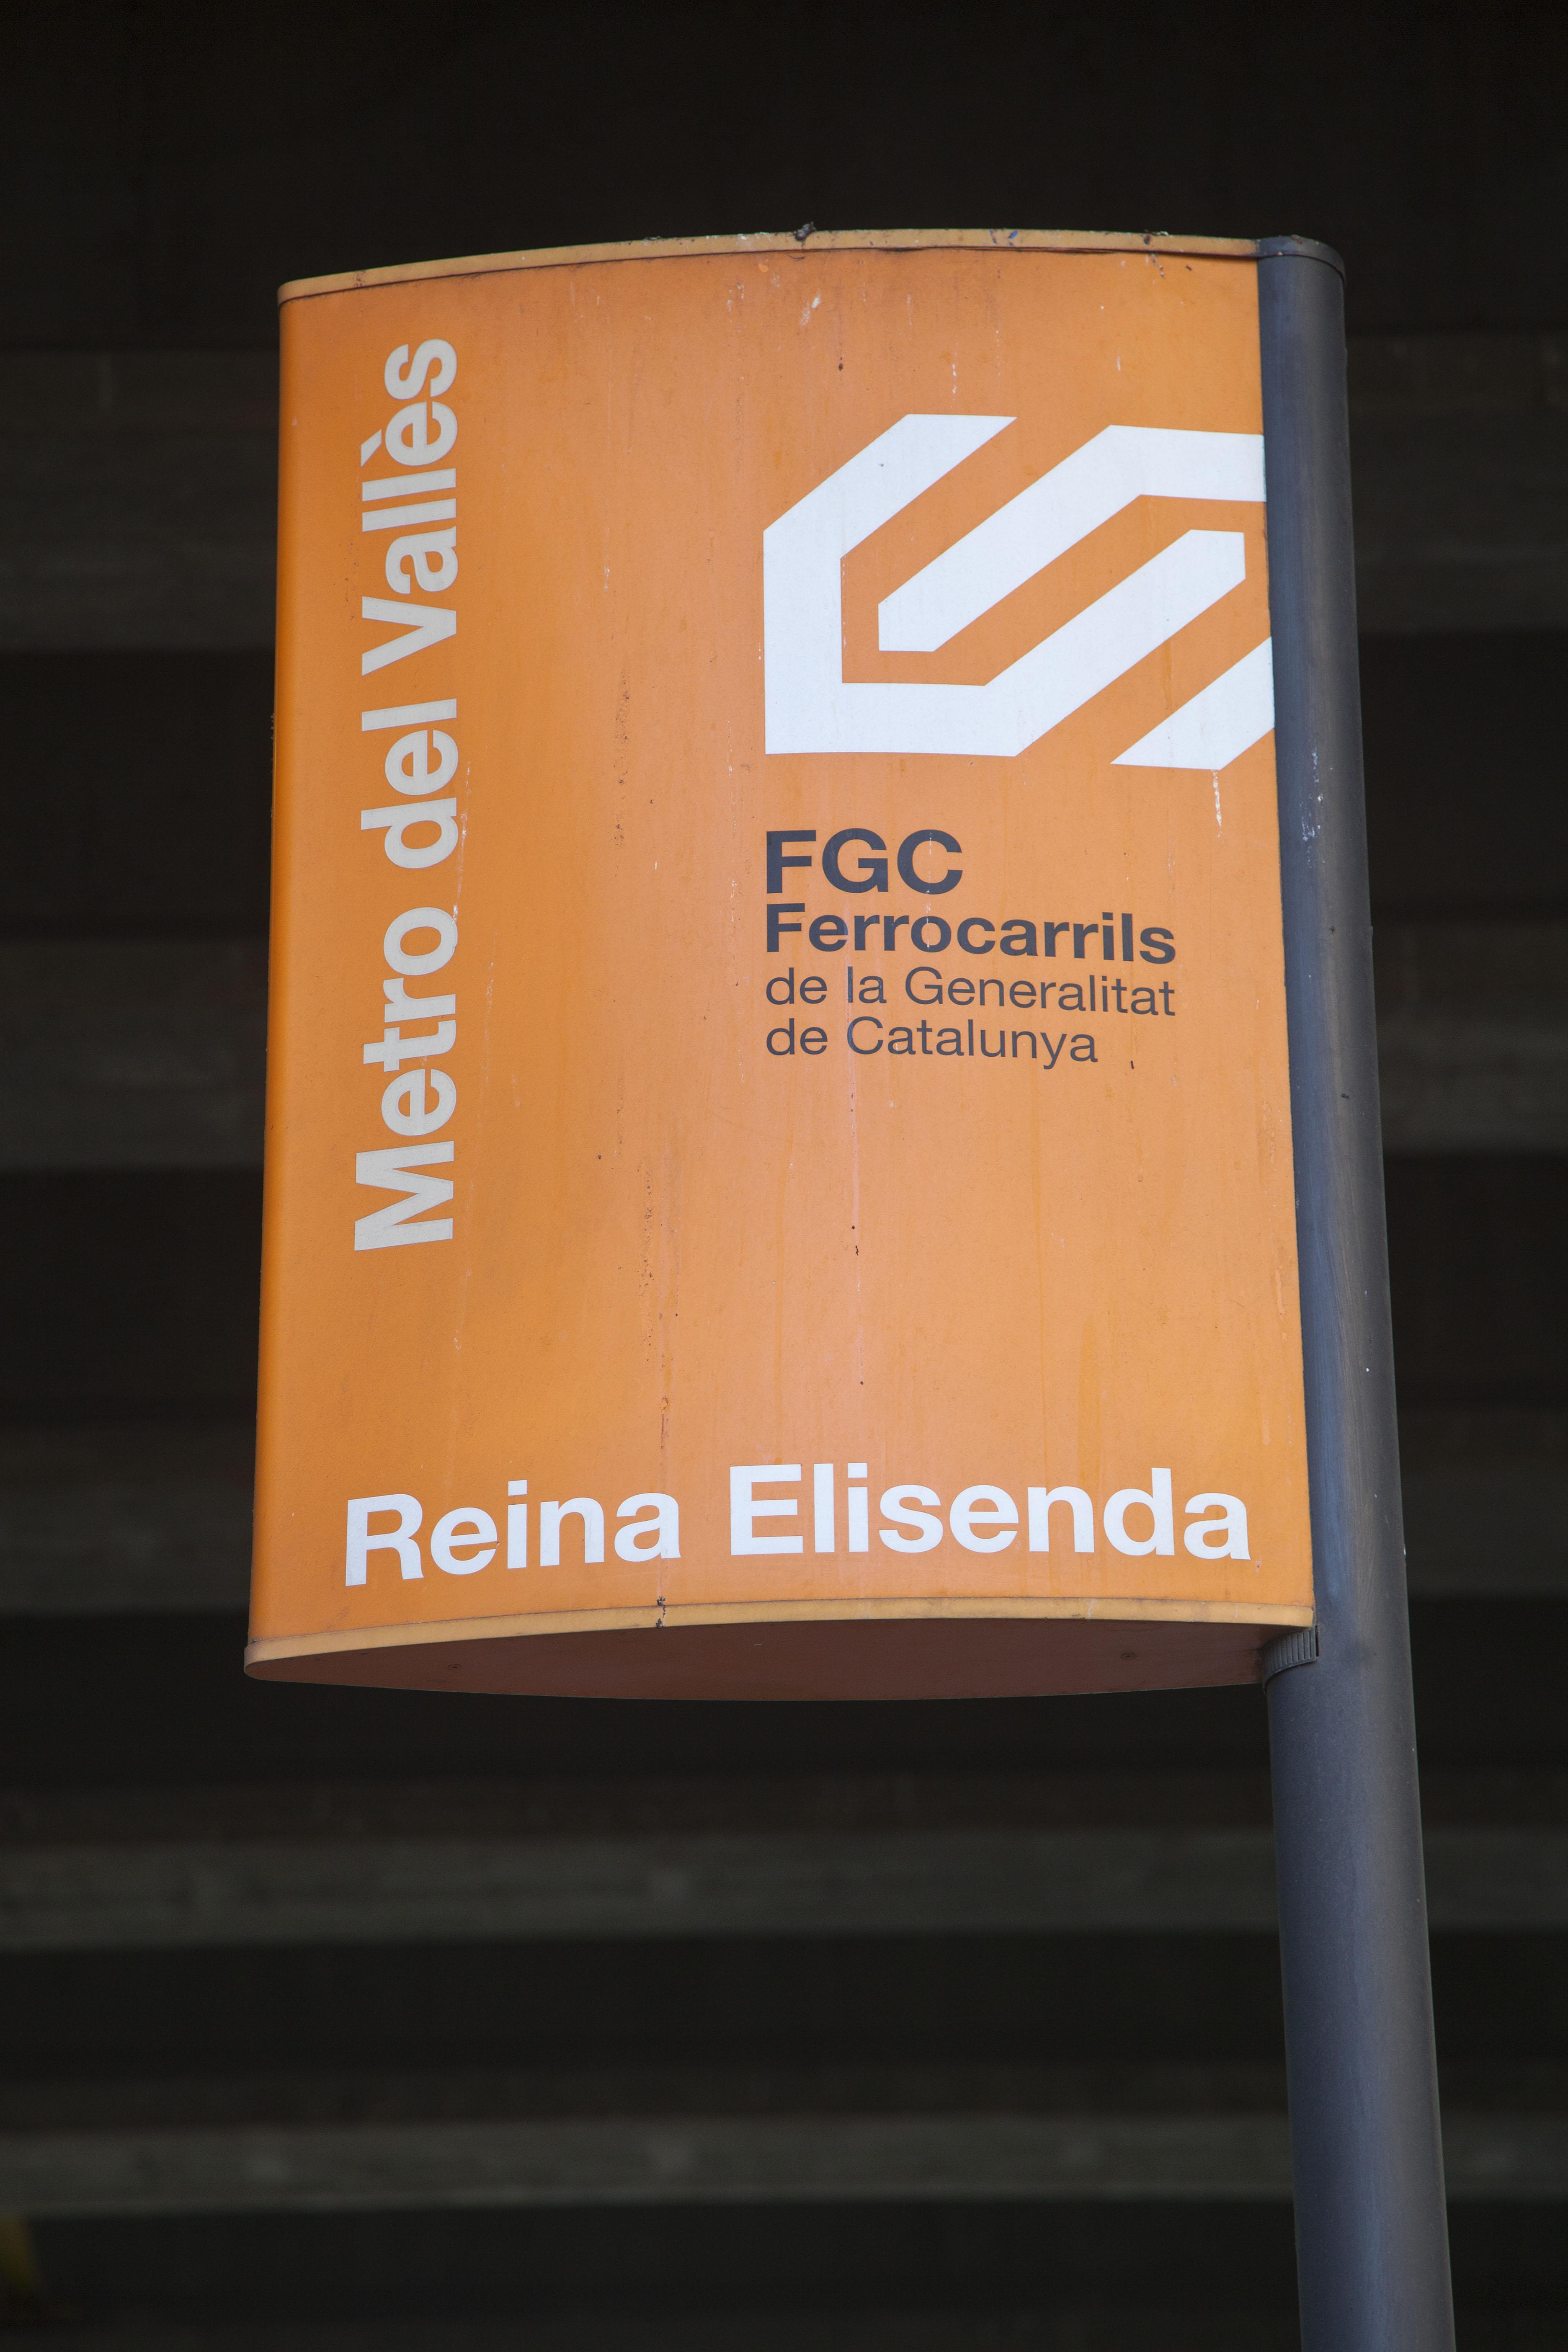 REINA -ELISENDA- FGC